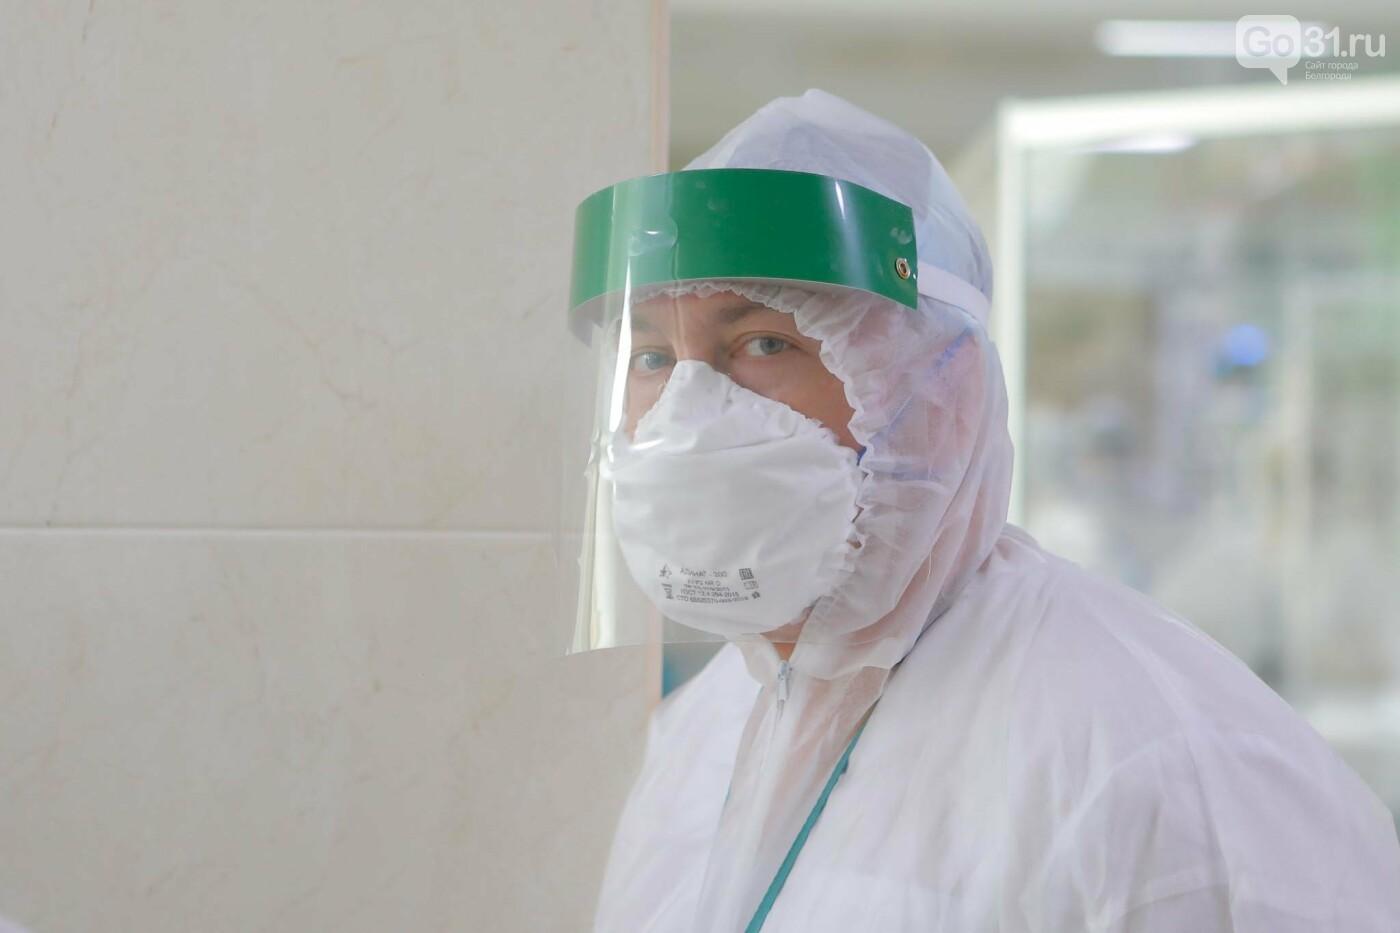 Что происходит в ковид-госпитале Белгорода. Фоторепортаж из «красной» зоны, фото-9, Фото: Антон Вергун